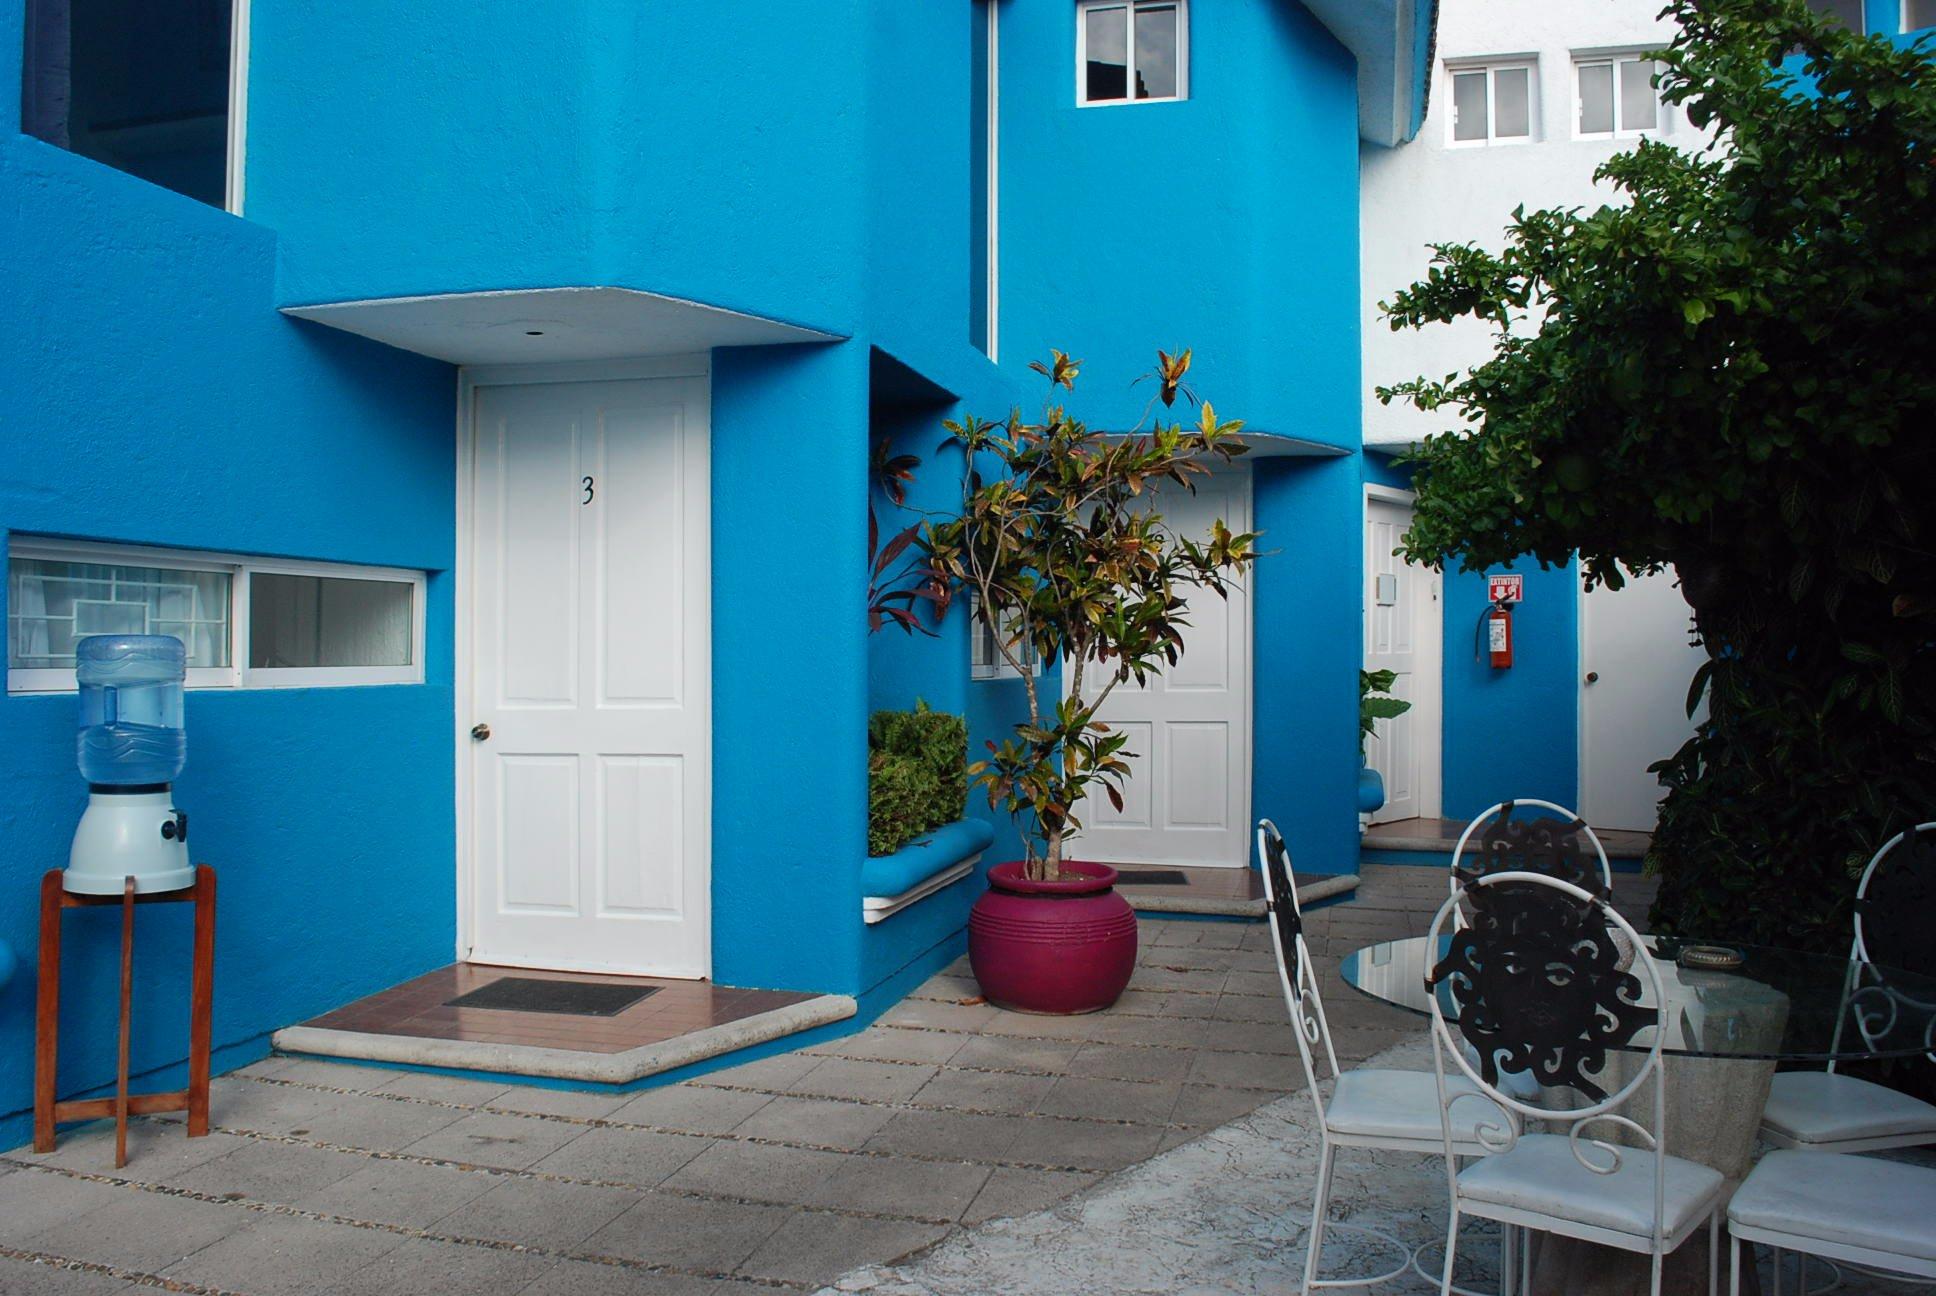 ホテル ヴィラ ラス アンクラス